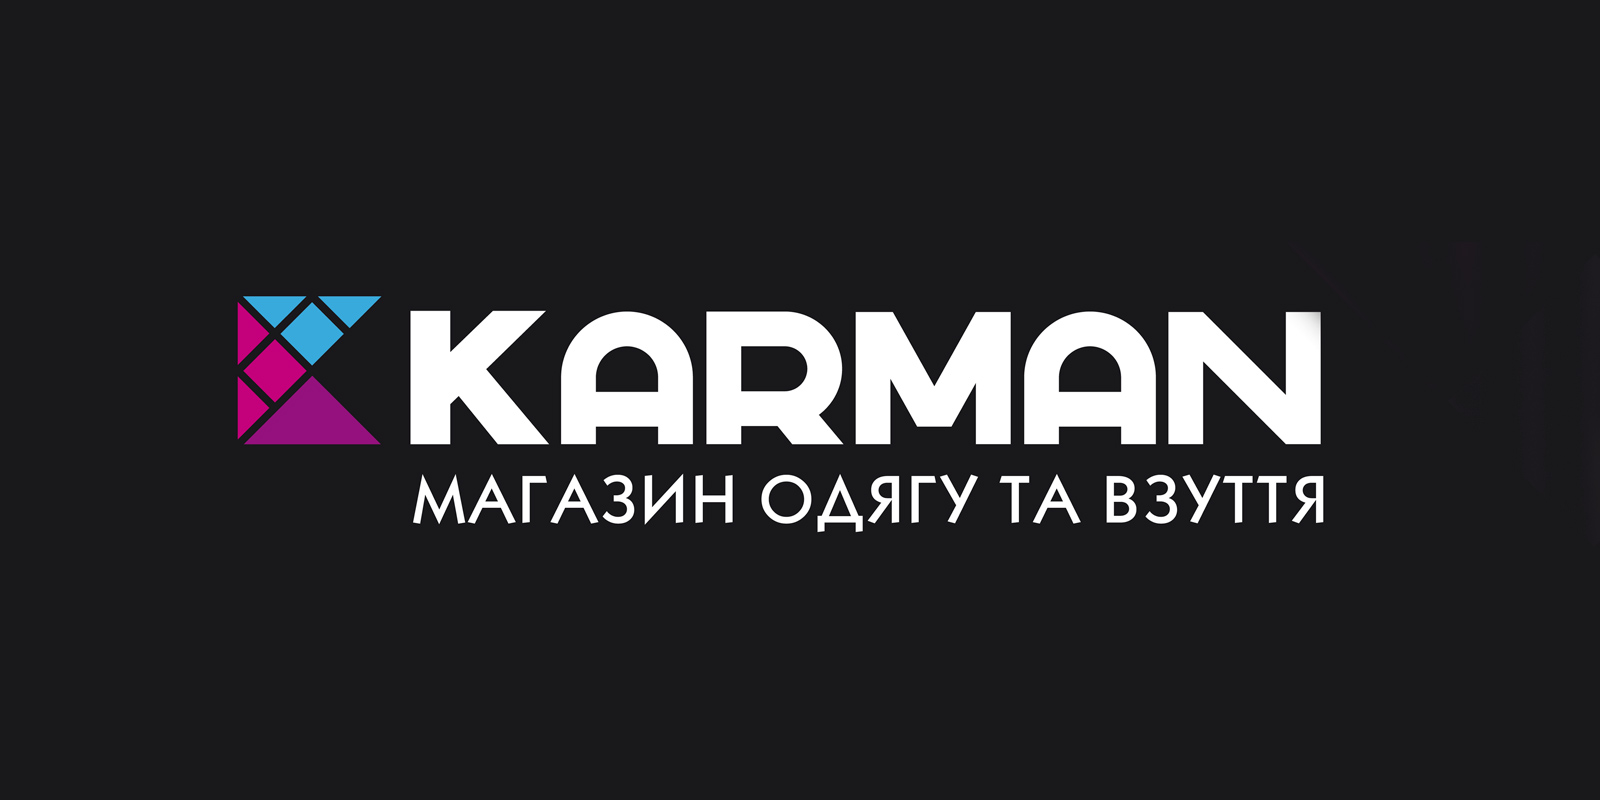 Сеть магазинов Karman;;;;;;Разработка имени;;;;;;<span>Клиент:</span> Сеть магазинов Karman;;;;;;;;;;;;Разработанное имя: <nm>«Karman»</nm>;;;;;; 8 ;;;;;;